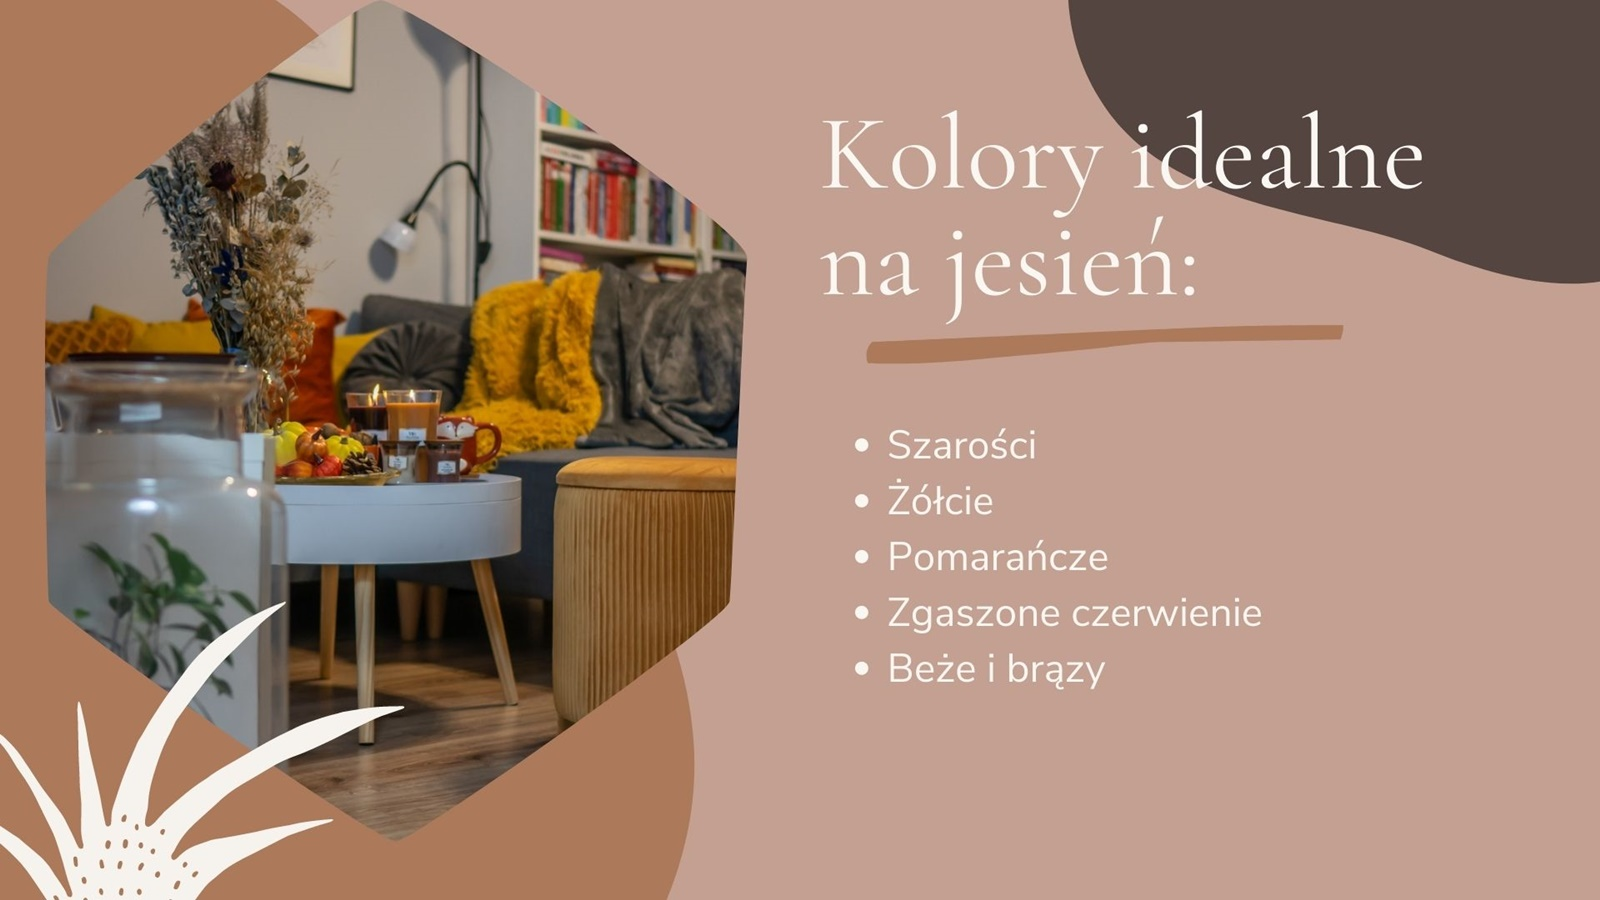 jesienne dekoracje do mieszkania salon żółte poduszki narzuta futrzasta koc żółta pufa dodatki na jesień w stylu boho skandynawskim blog metamorfoza salonu inspiracje pomysły